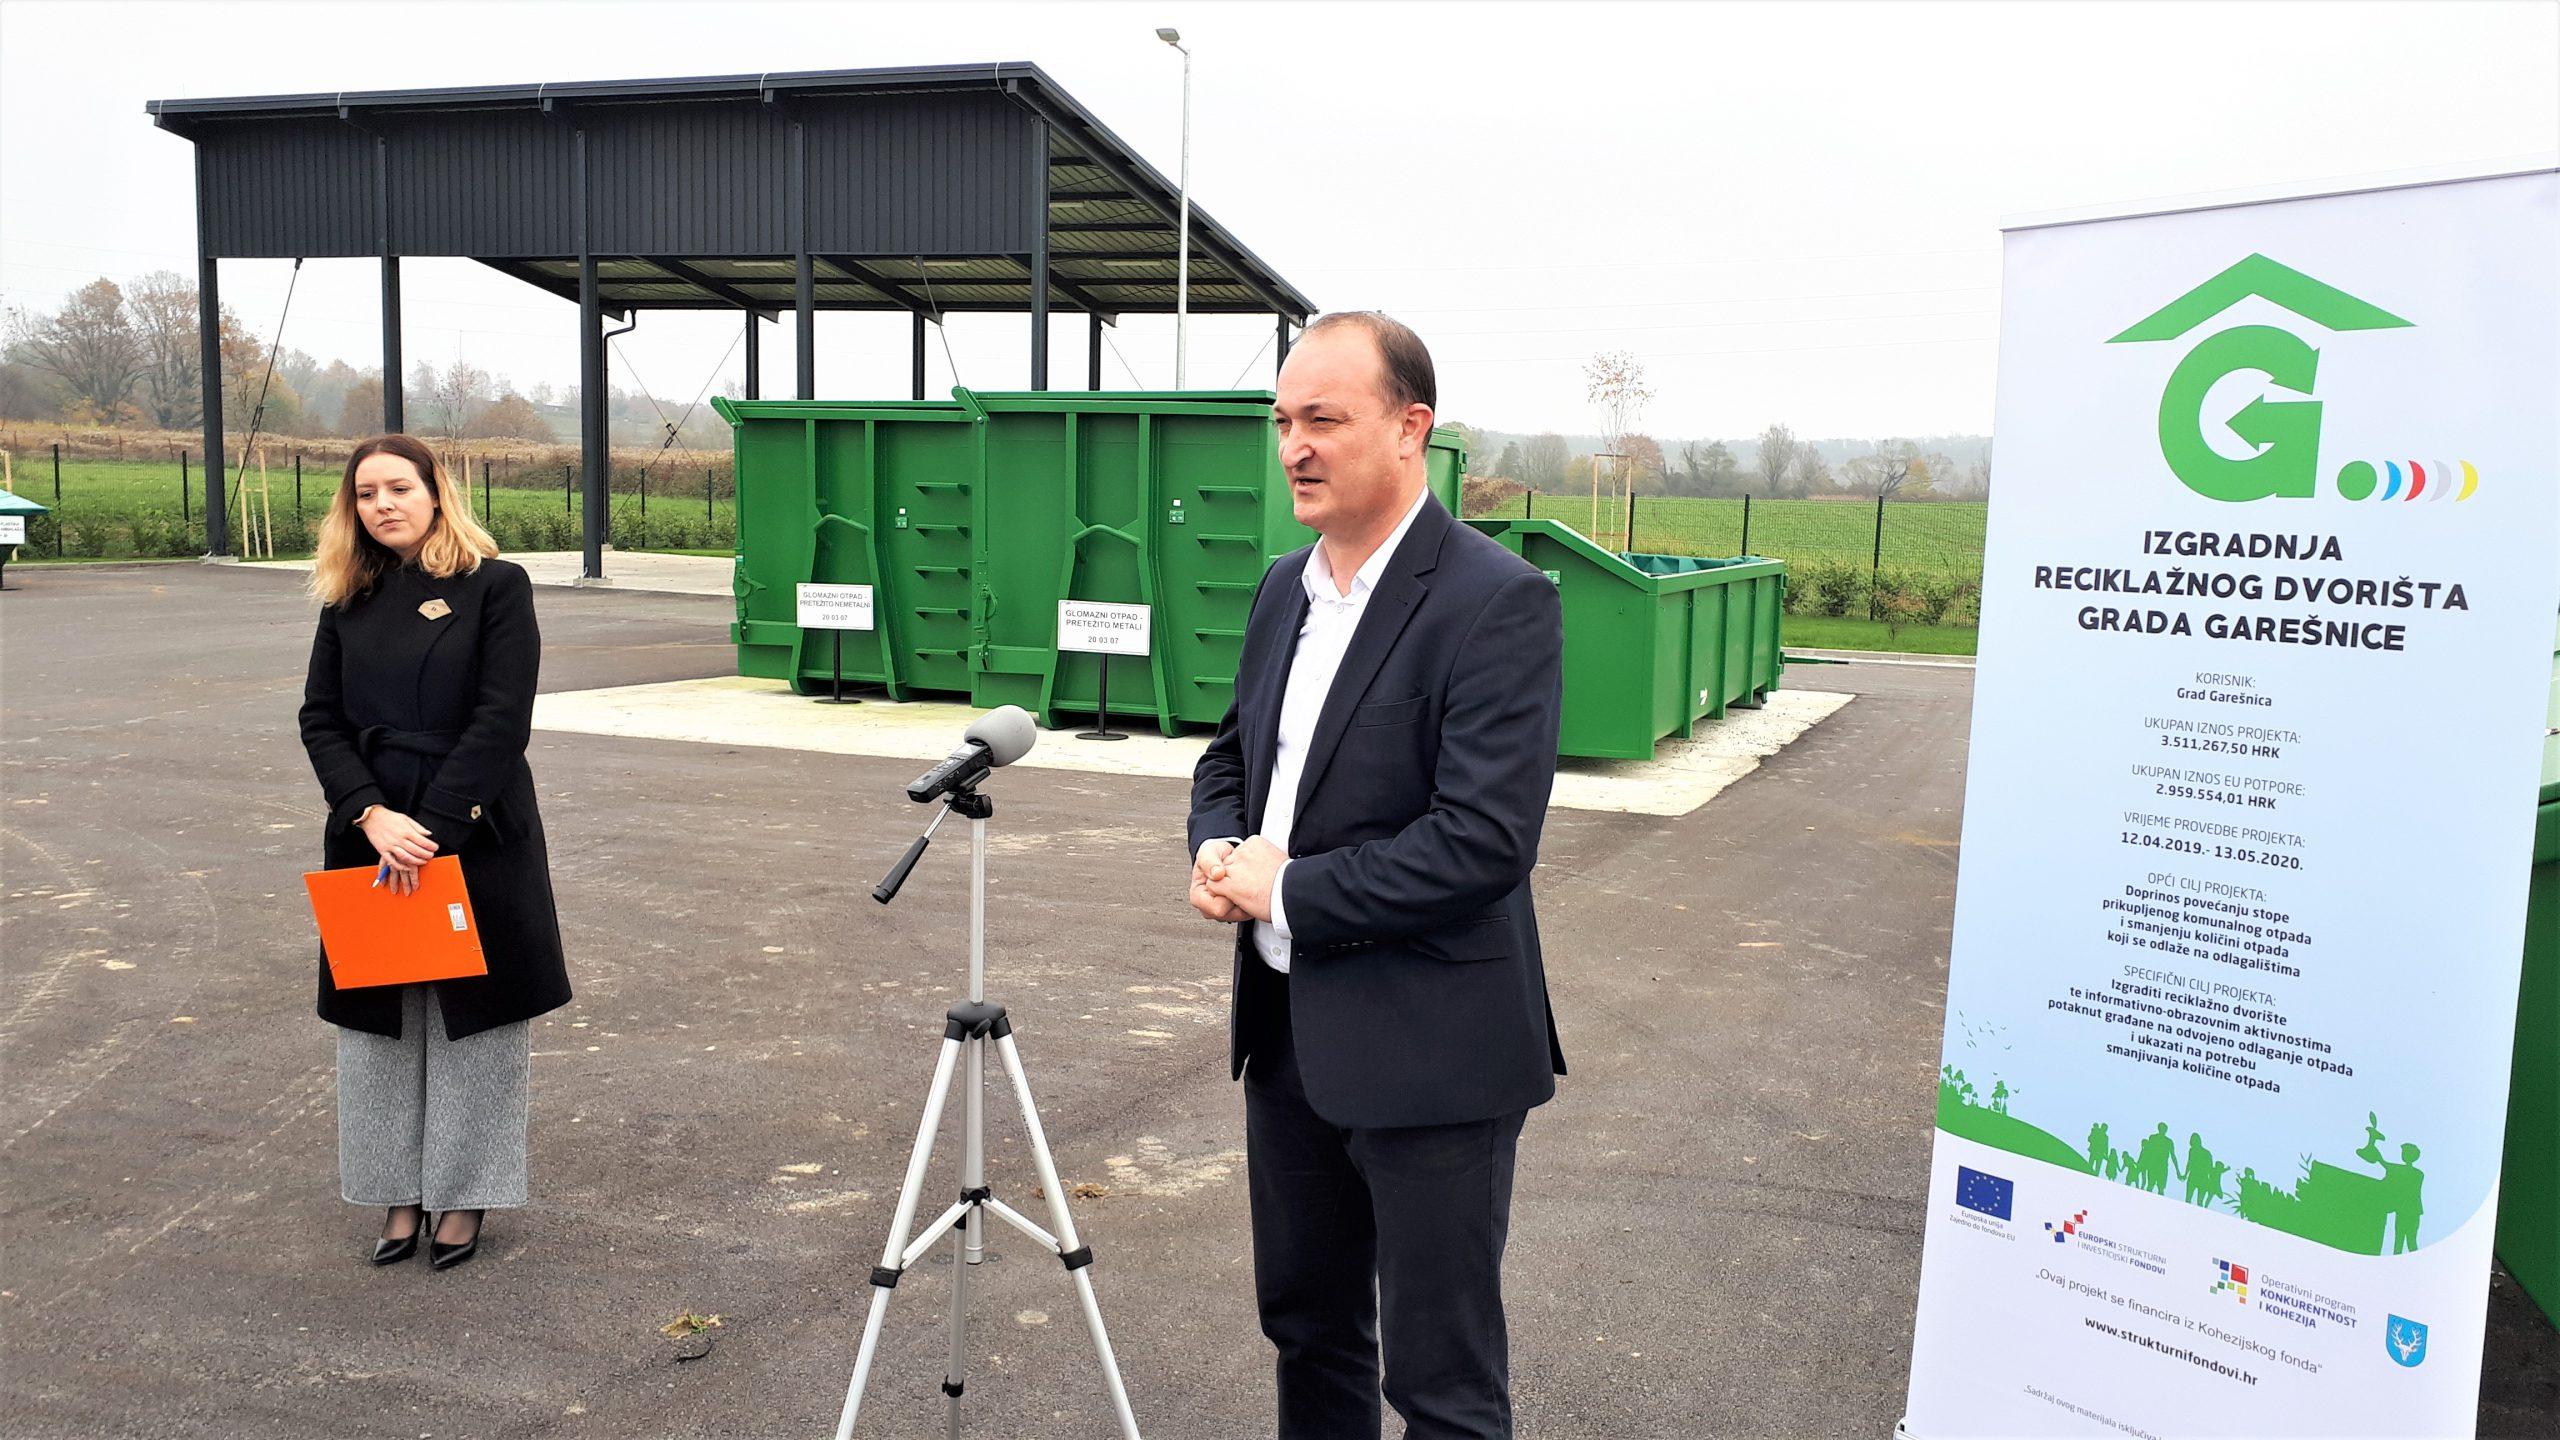 GOSPODARENJE OTPADOM Otvoreno je i drugo reciklažno dvorište